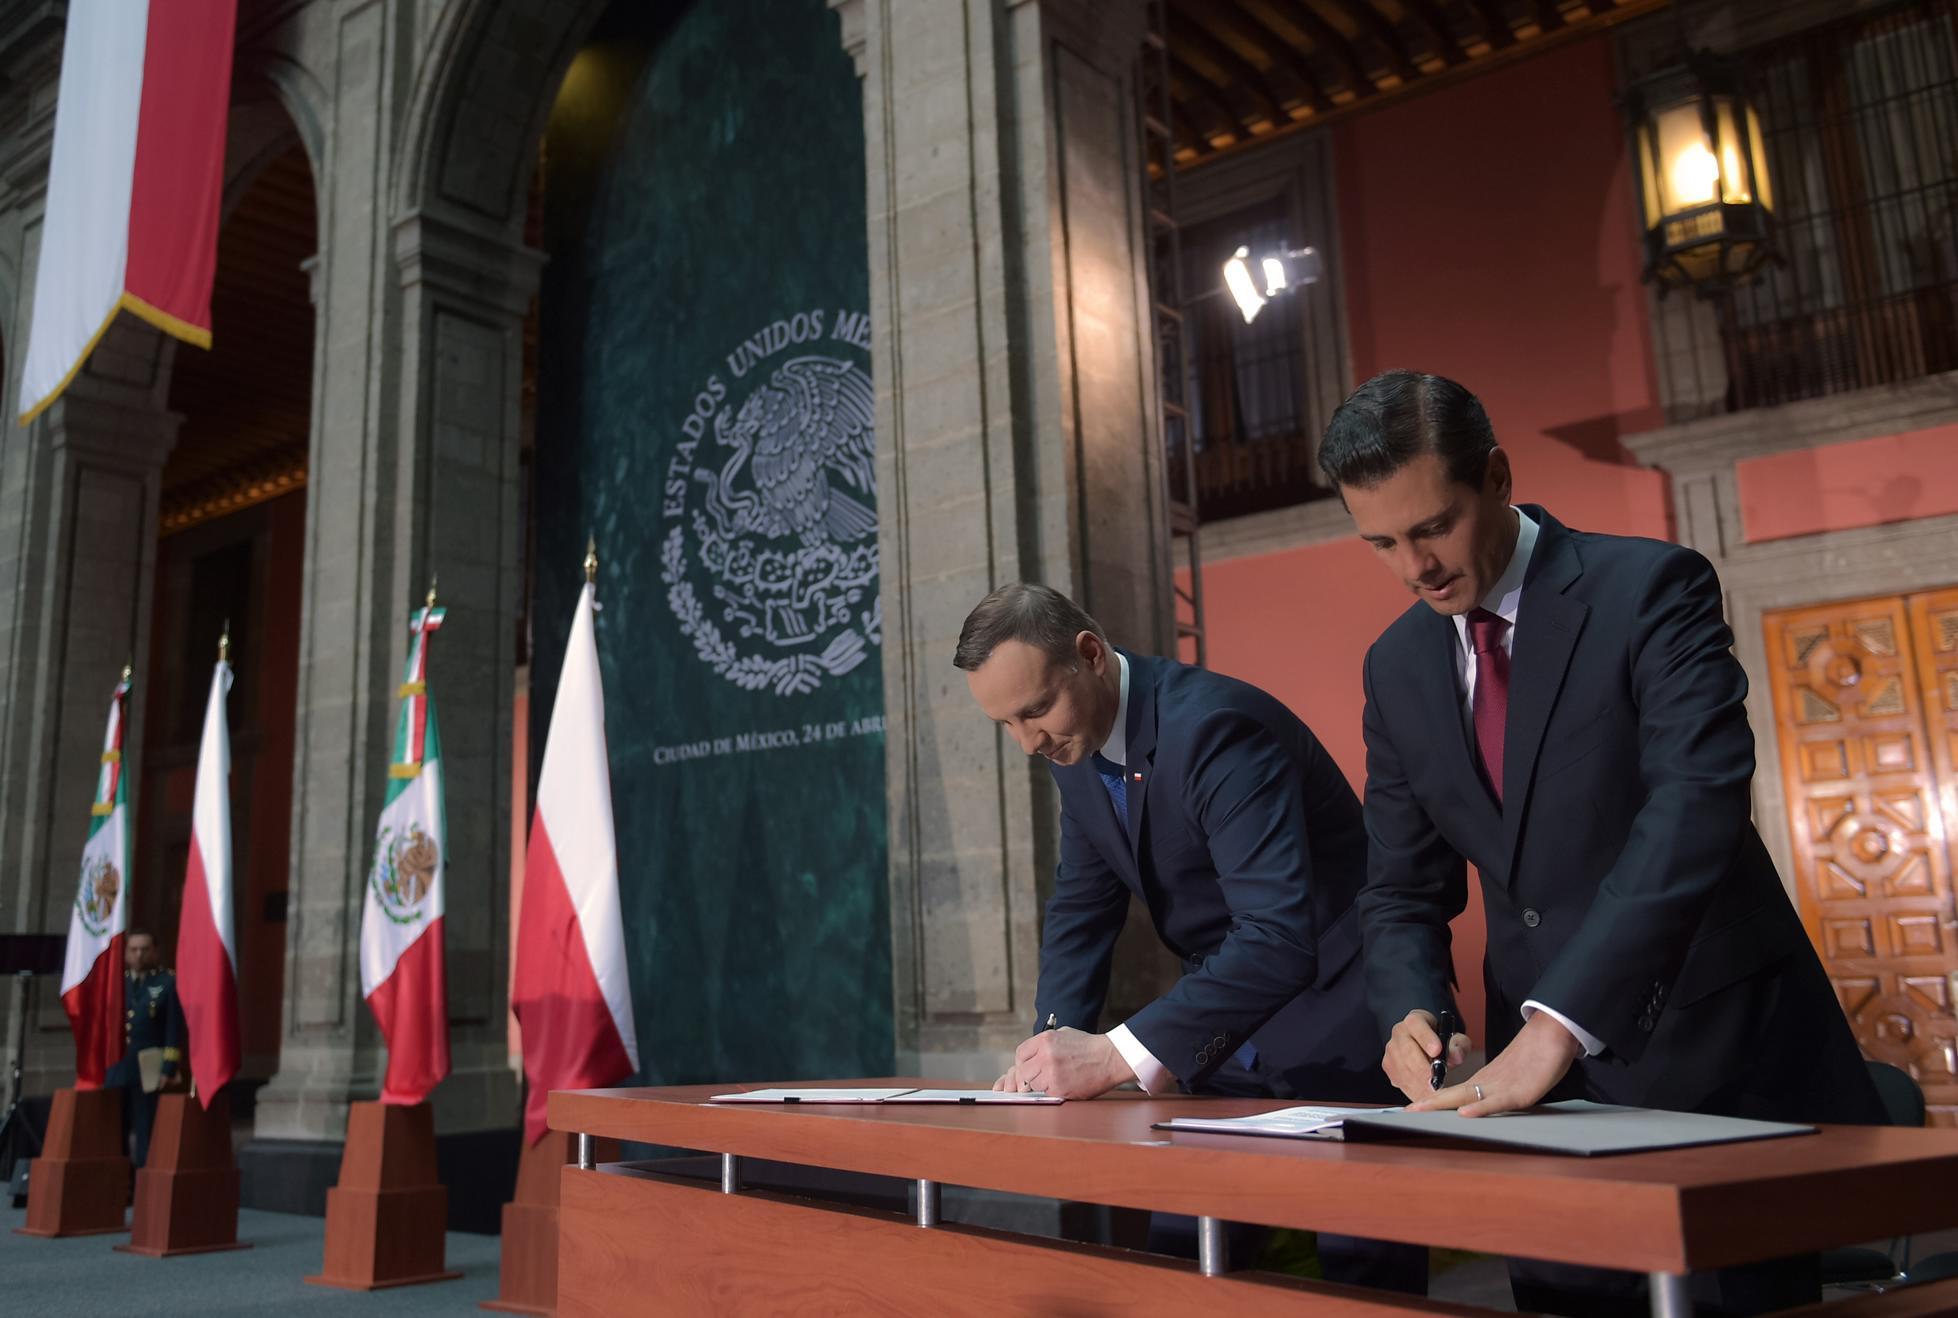 La Declaración Conjunta firmada hoy por los dos mandatarios es muestra del excelente momento que vive la relación bilateral.